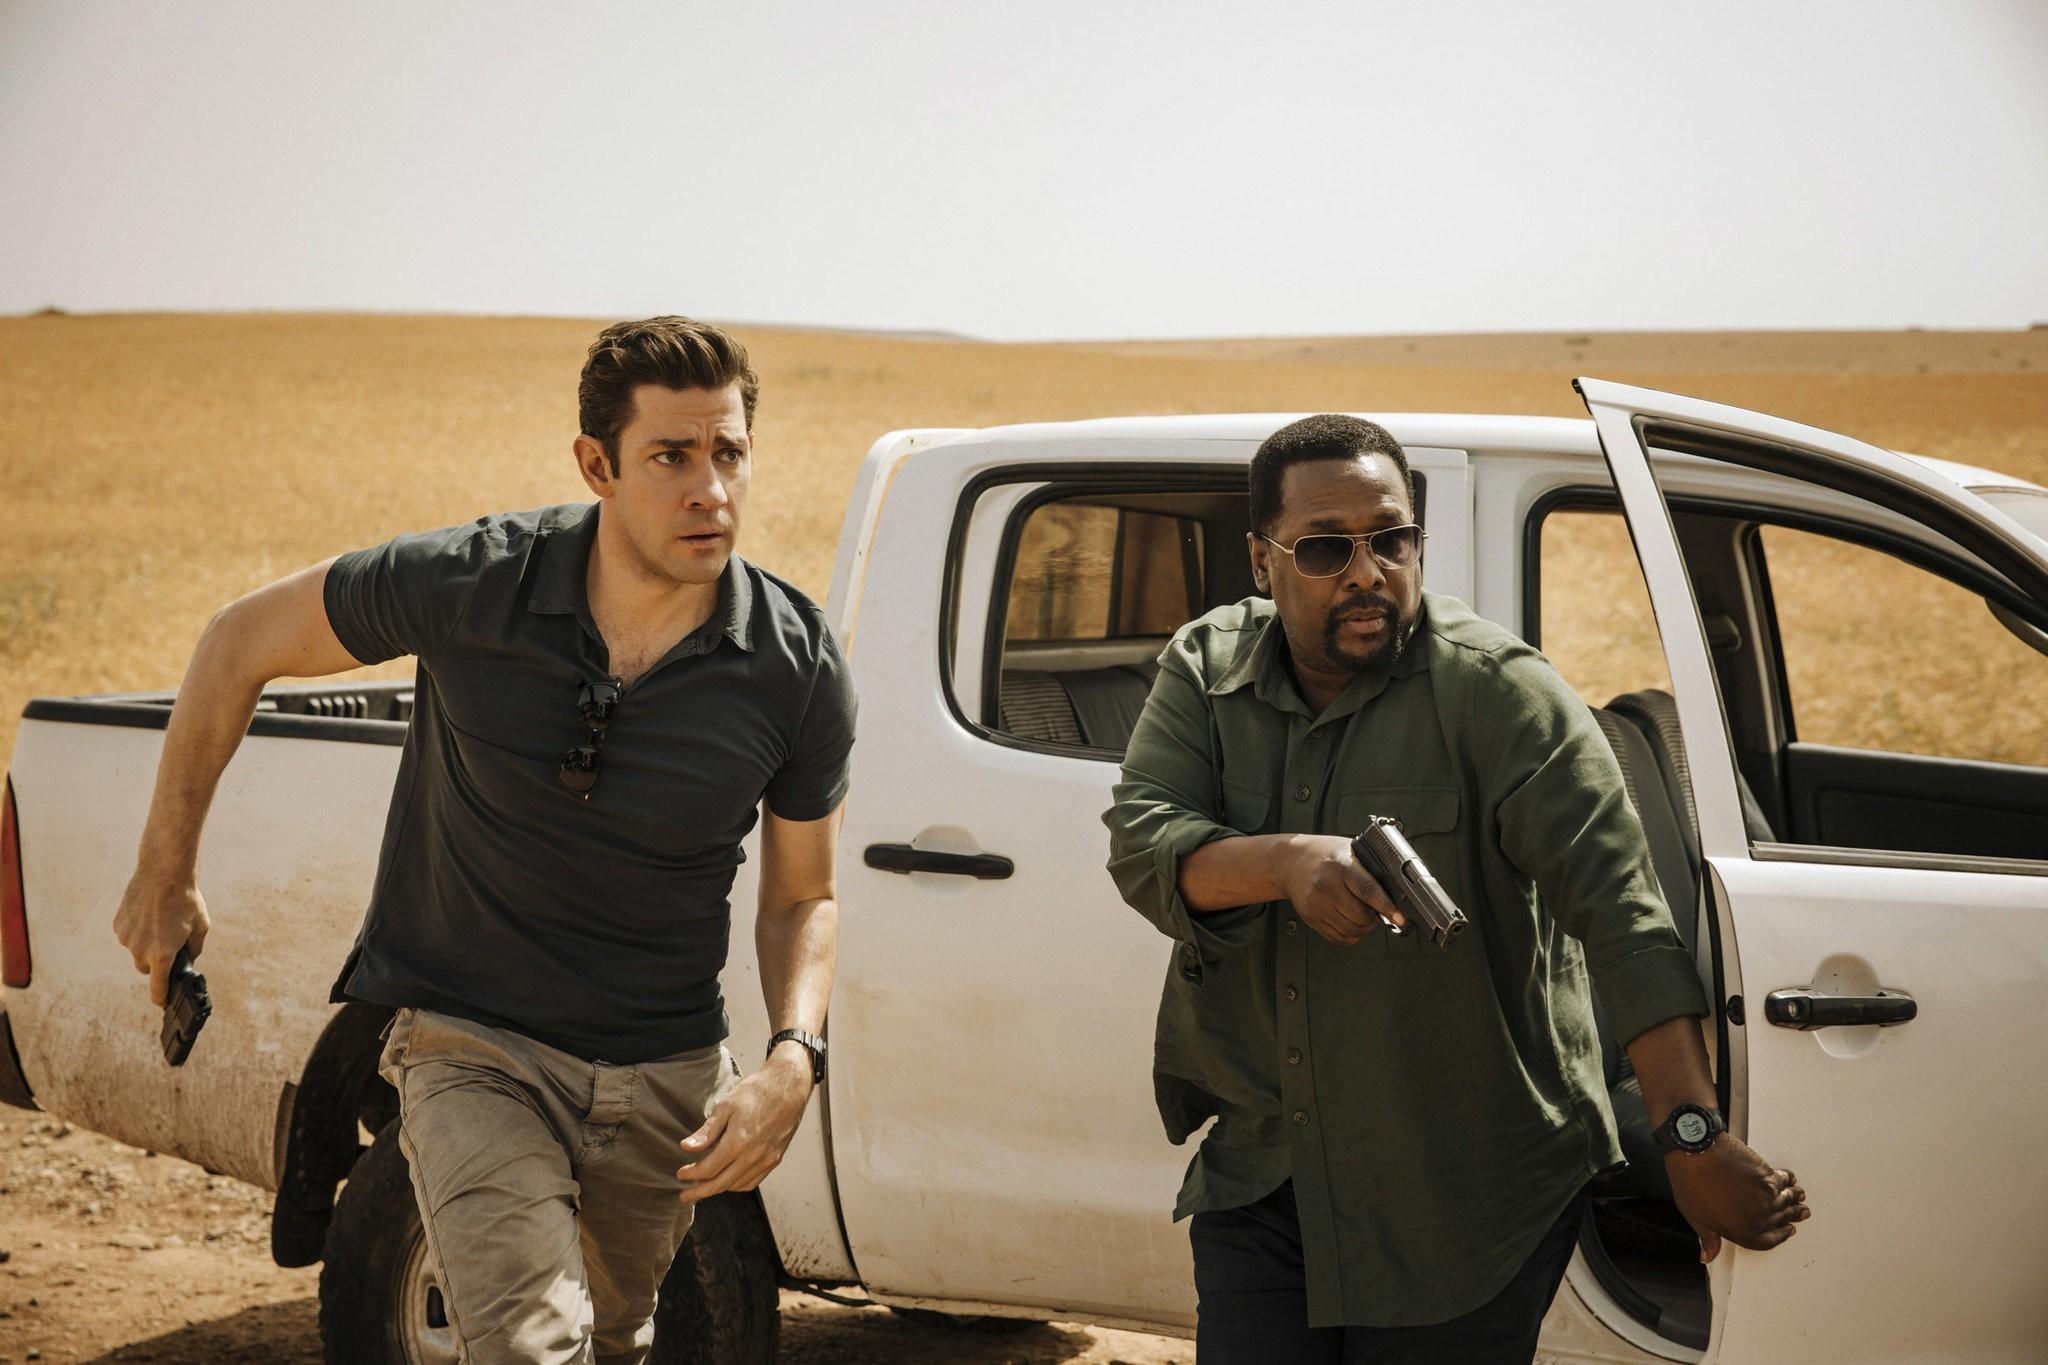 Wendell Pierce飾演Jack Ryan上司,追捕恐怖分子以外,還要面對事業及信仰的衝擊。